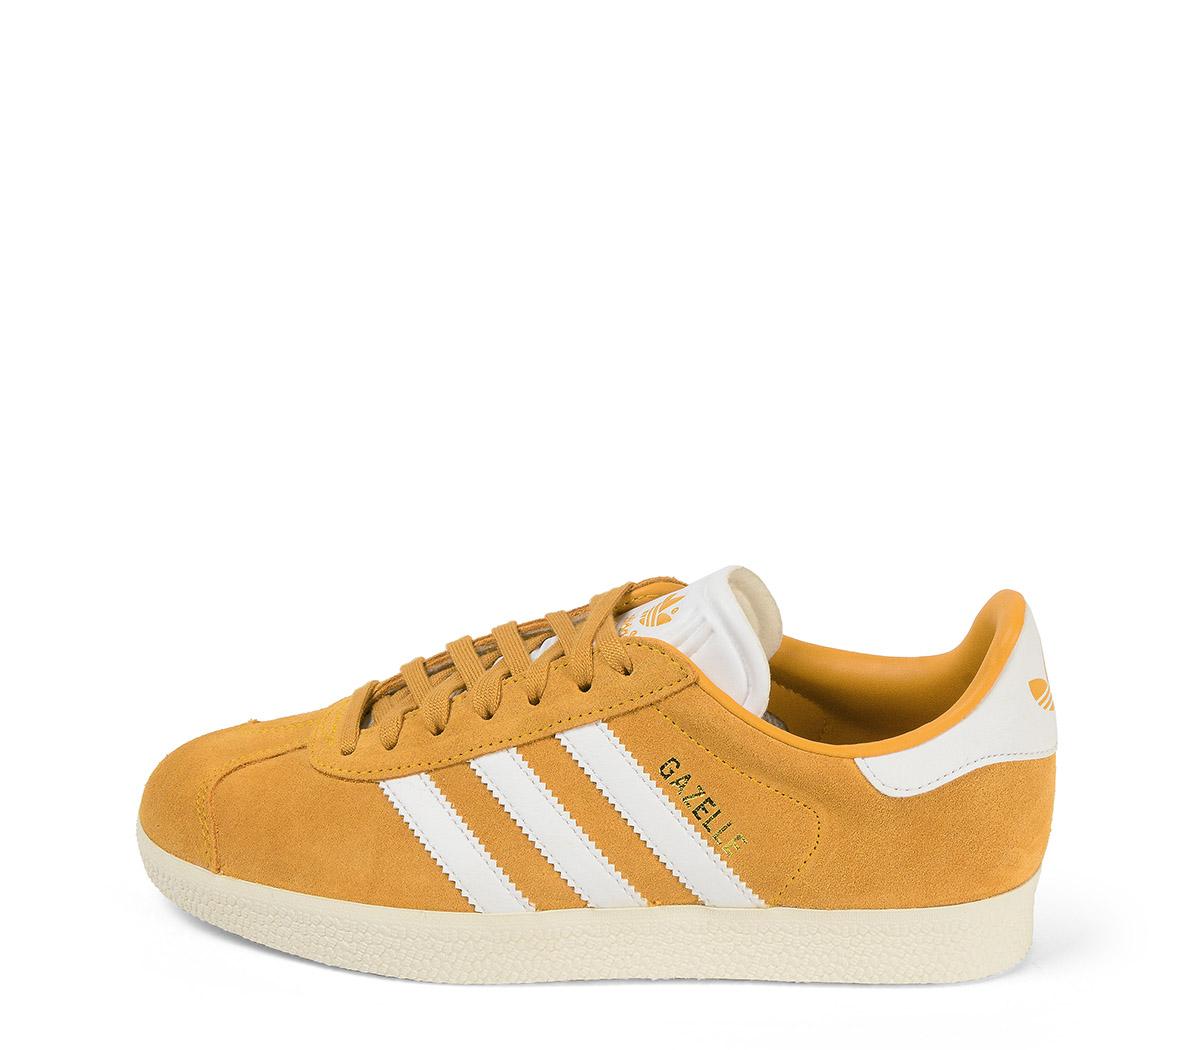 Ref: 3846 Adidas Gazelle serraje ocre. Con detalles en piel blanca. Cordones al tono y blancos de repuesto.